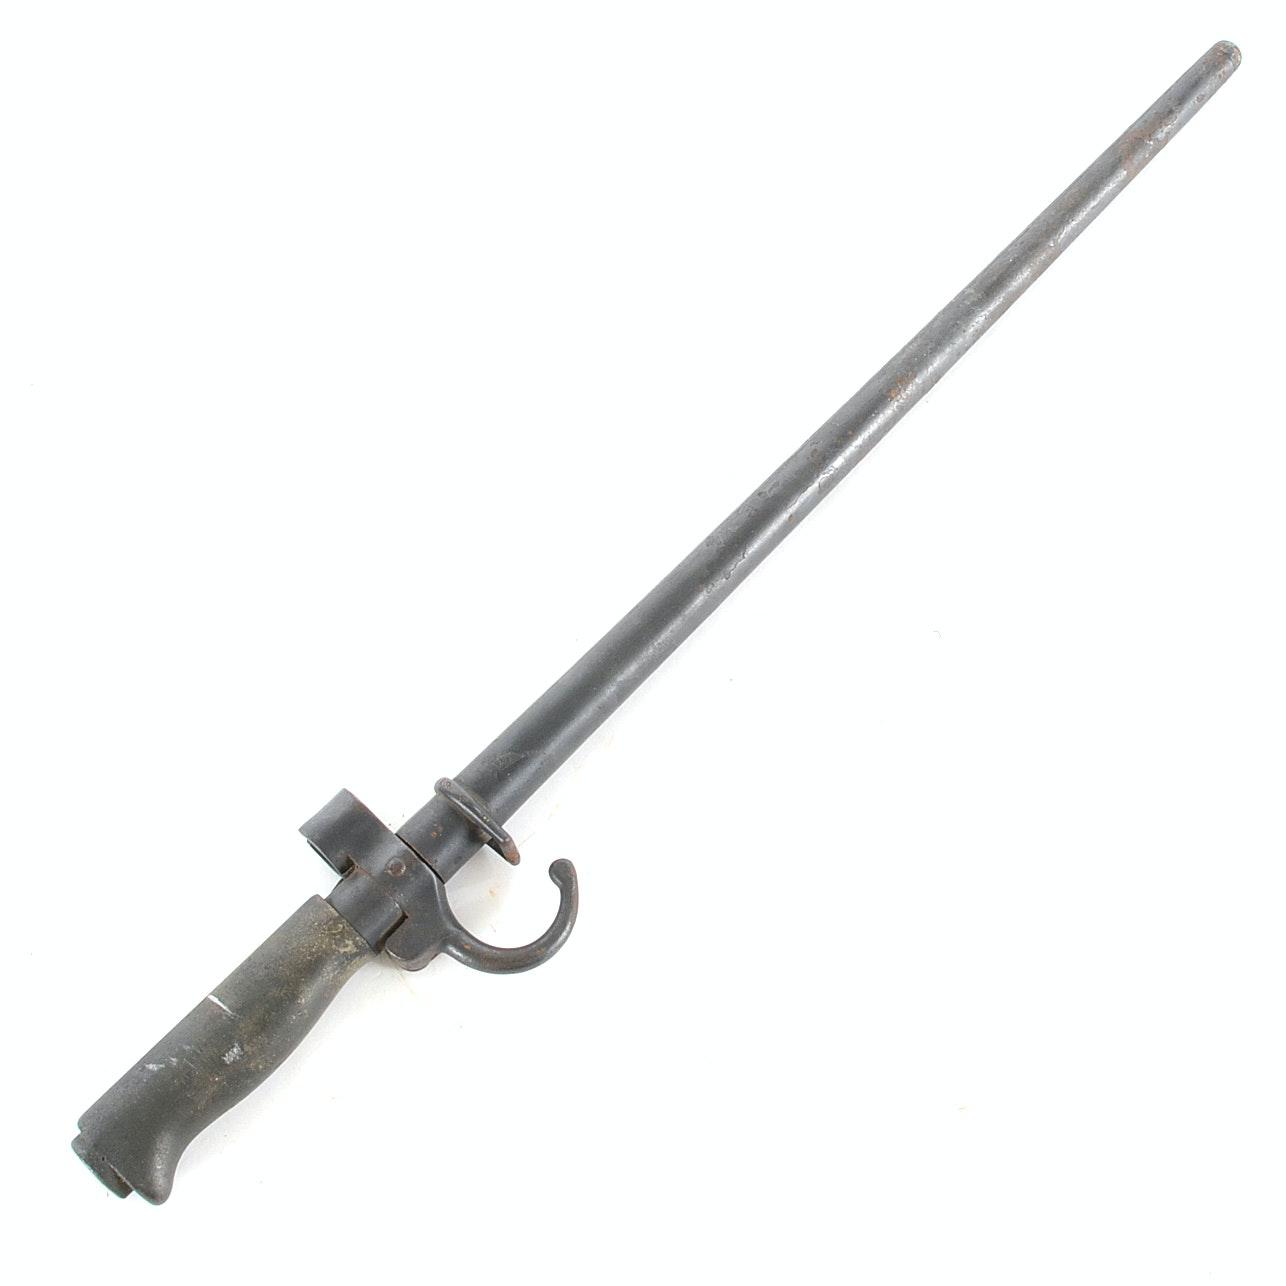 French M1886 Lebel Spike Bayonet